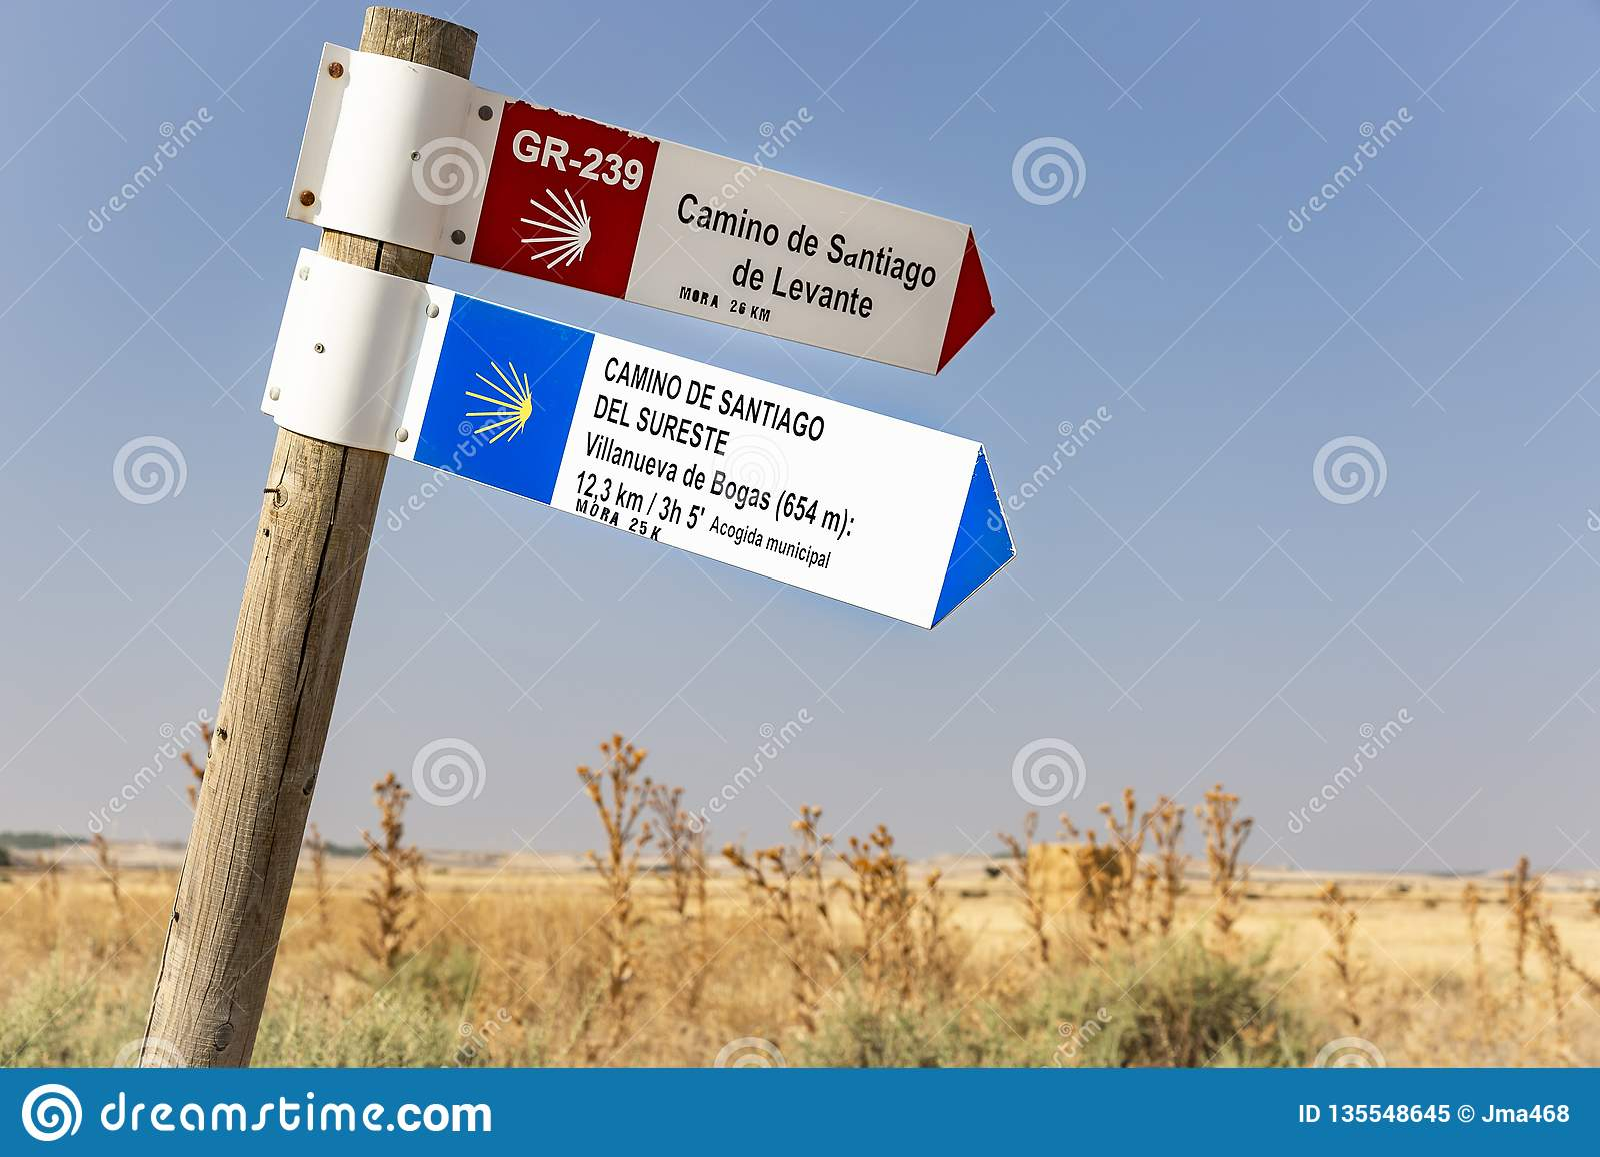 Camino de Santiago de Levante e letreiro de del Sureste no campo